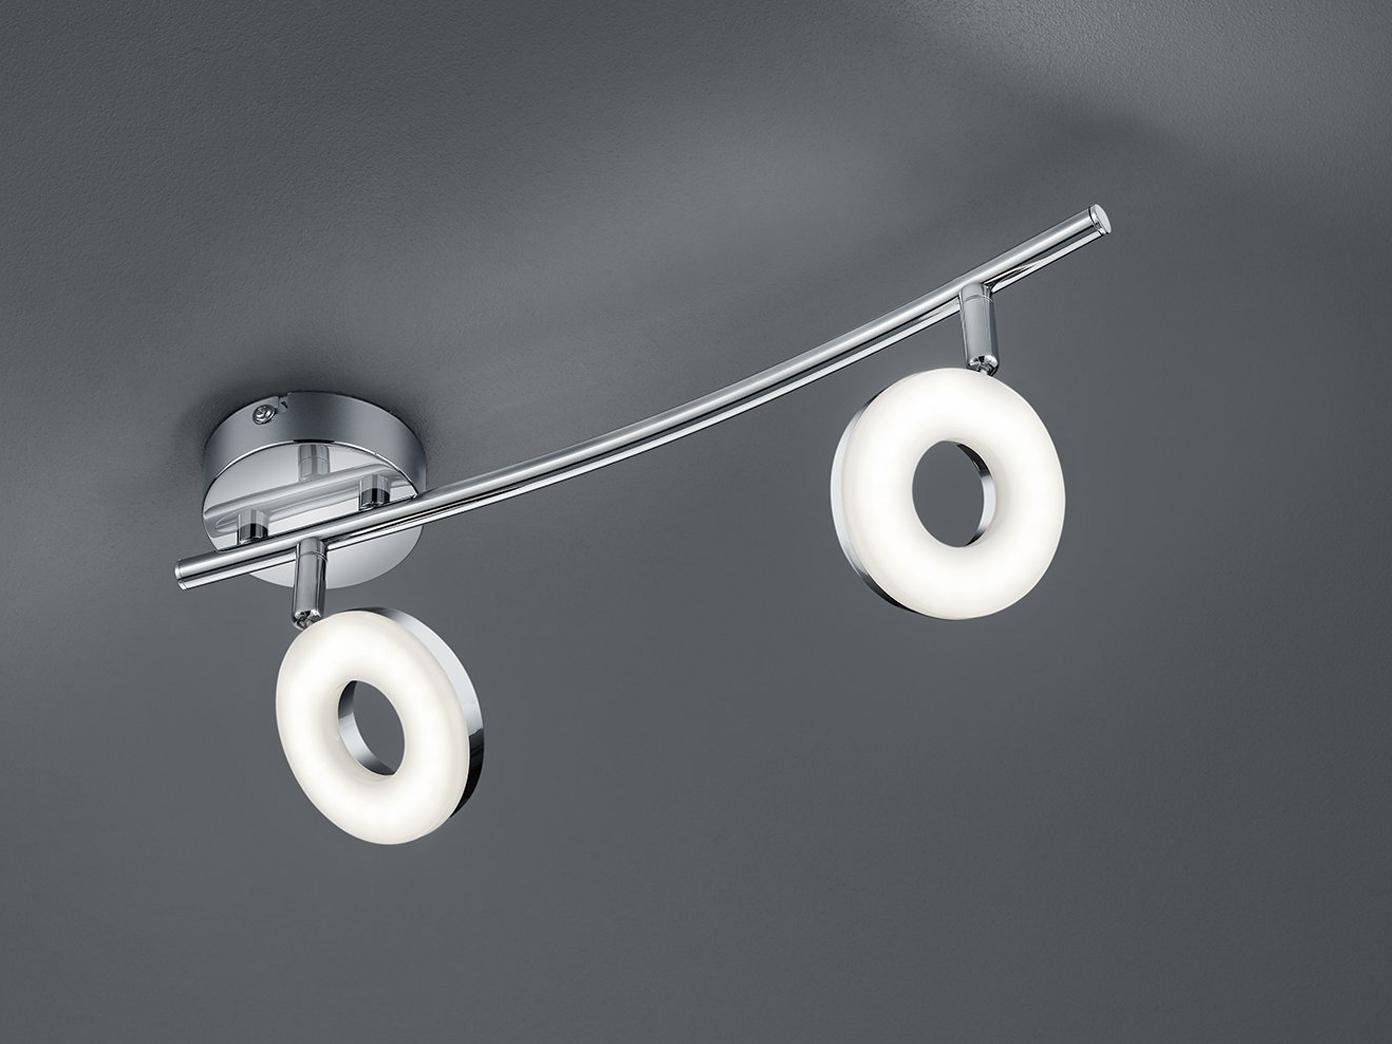 Wandstrahler Deckenstrahler Lichtspots schwenkbar LED Spotleuchten für Innen